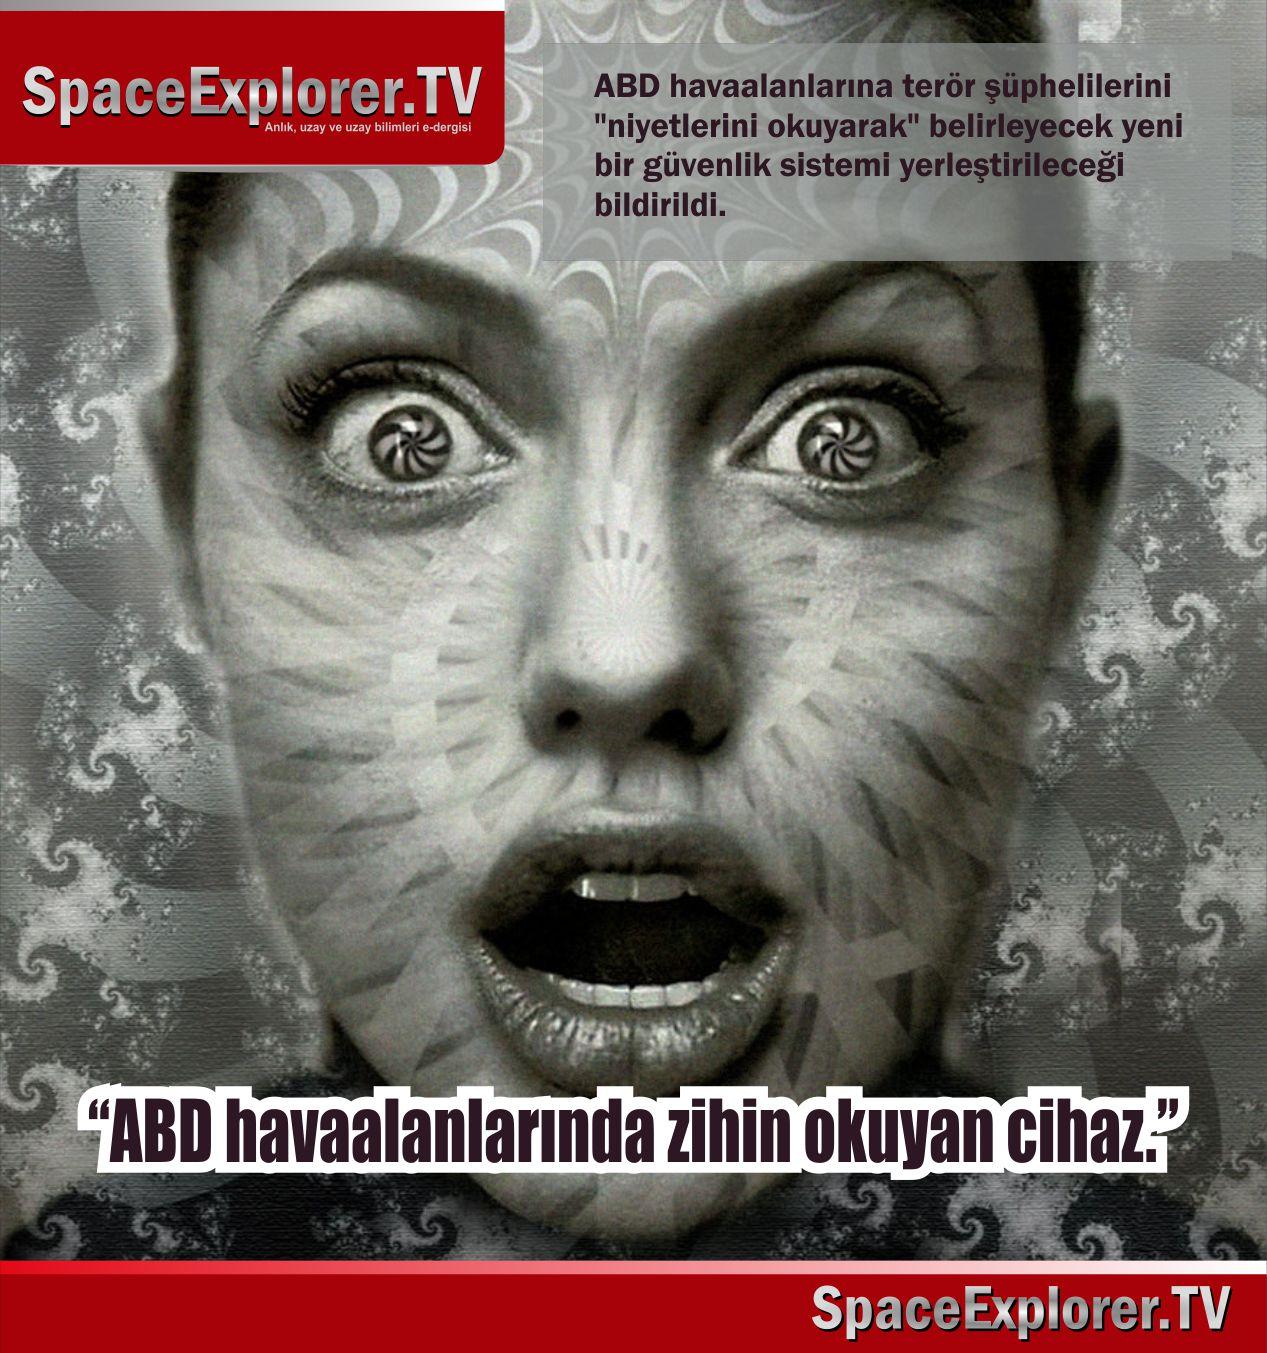 Zihin kontrolü, Beyin kontrolü, Cihazdan beyine iletişim, Telegram, Telekinezi, Elektromanyetik savaş, Space Explorer, ABD,